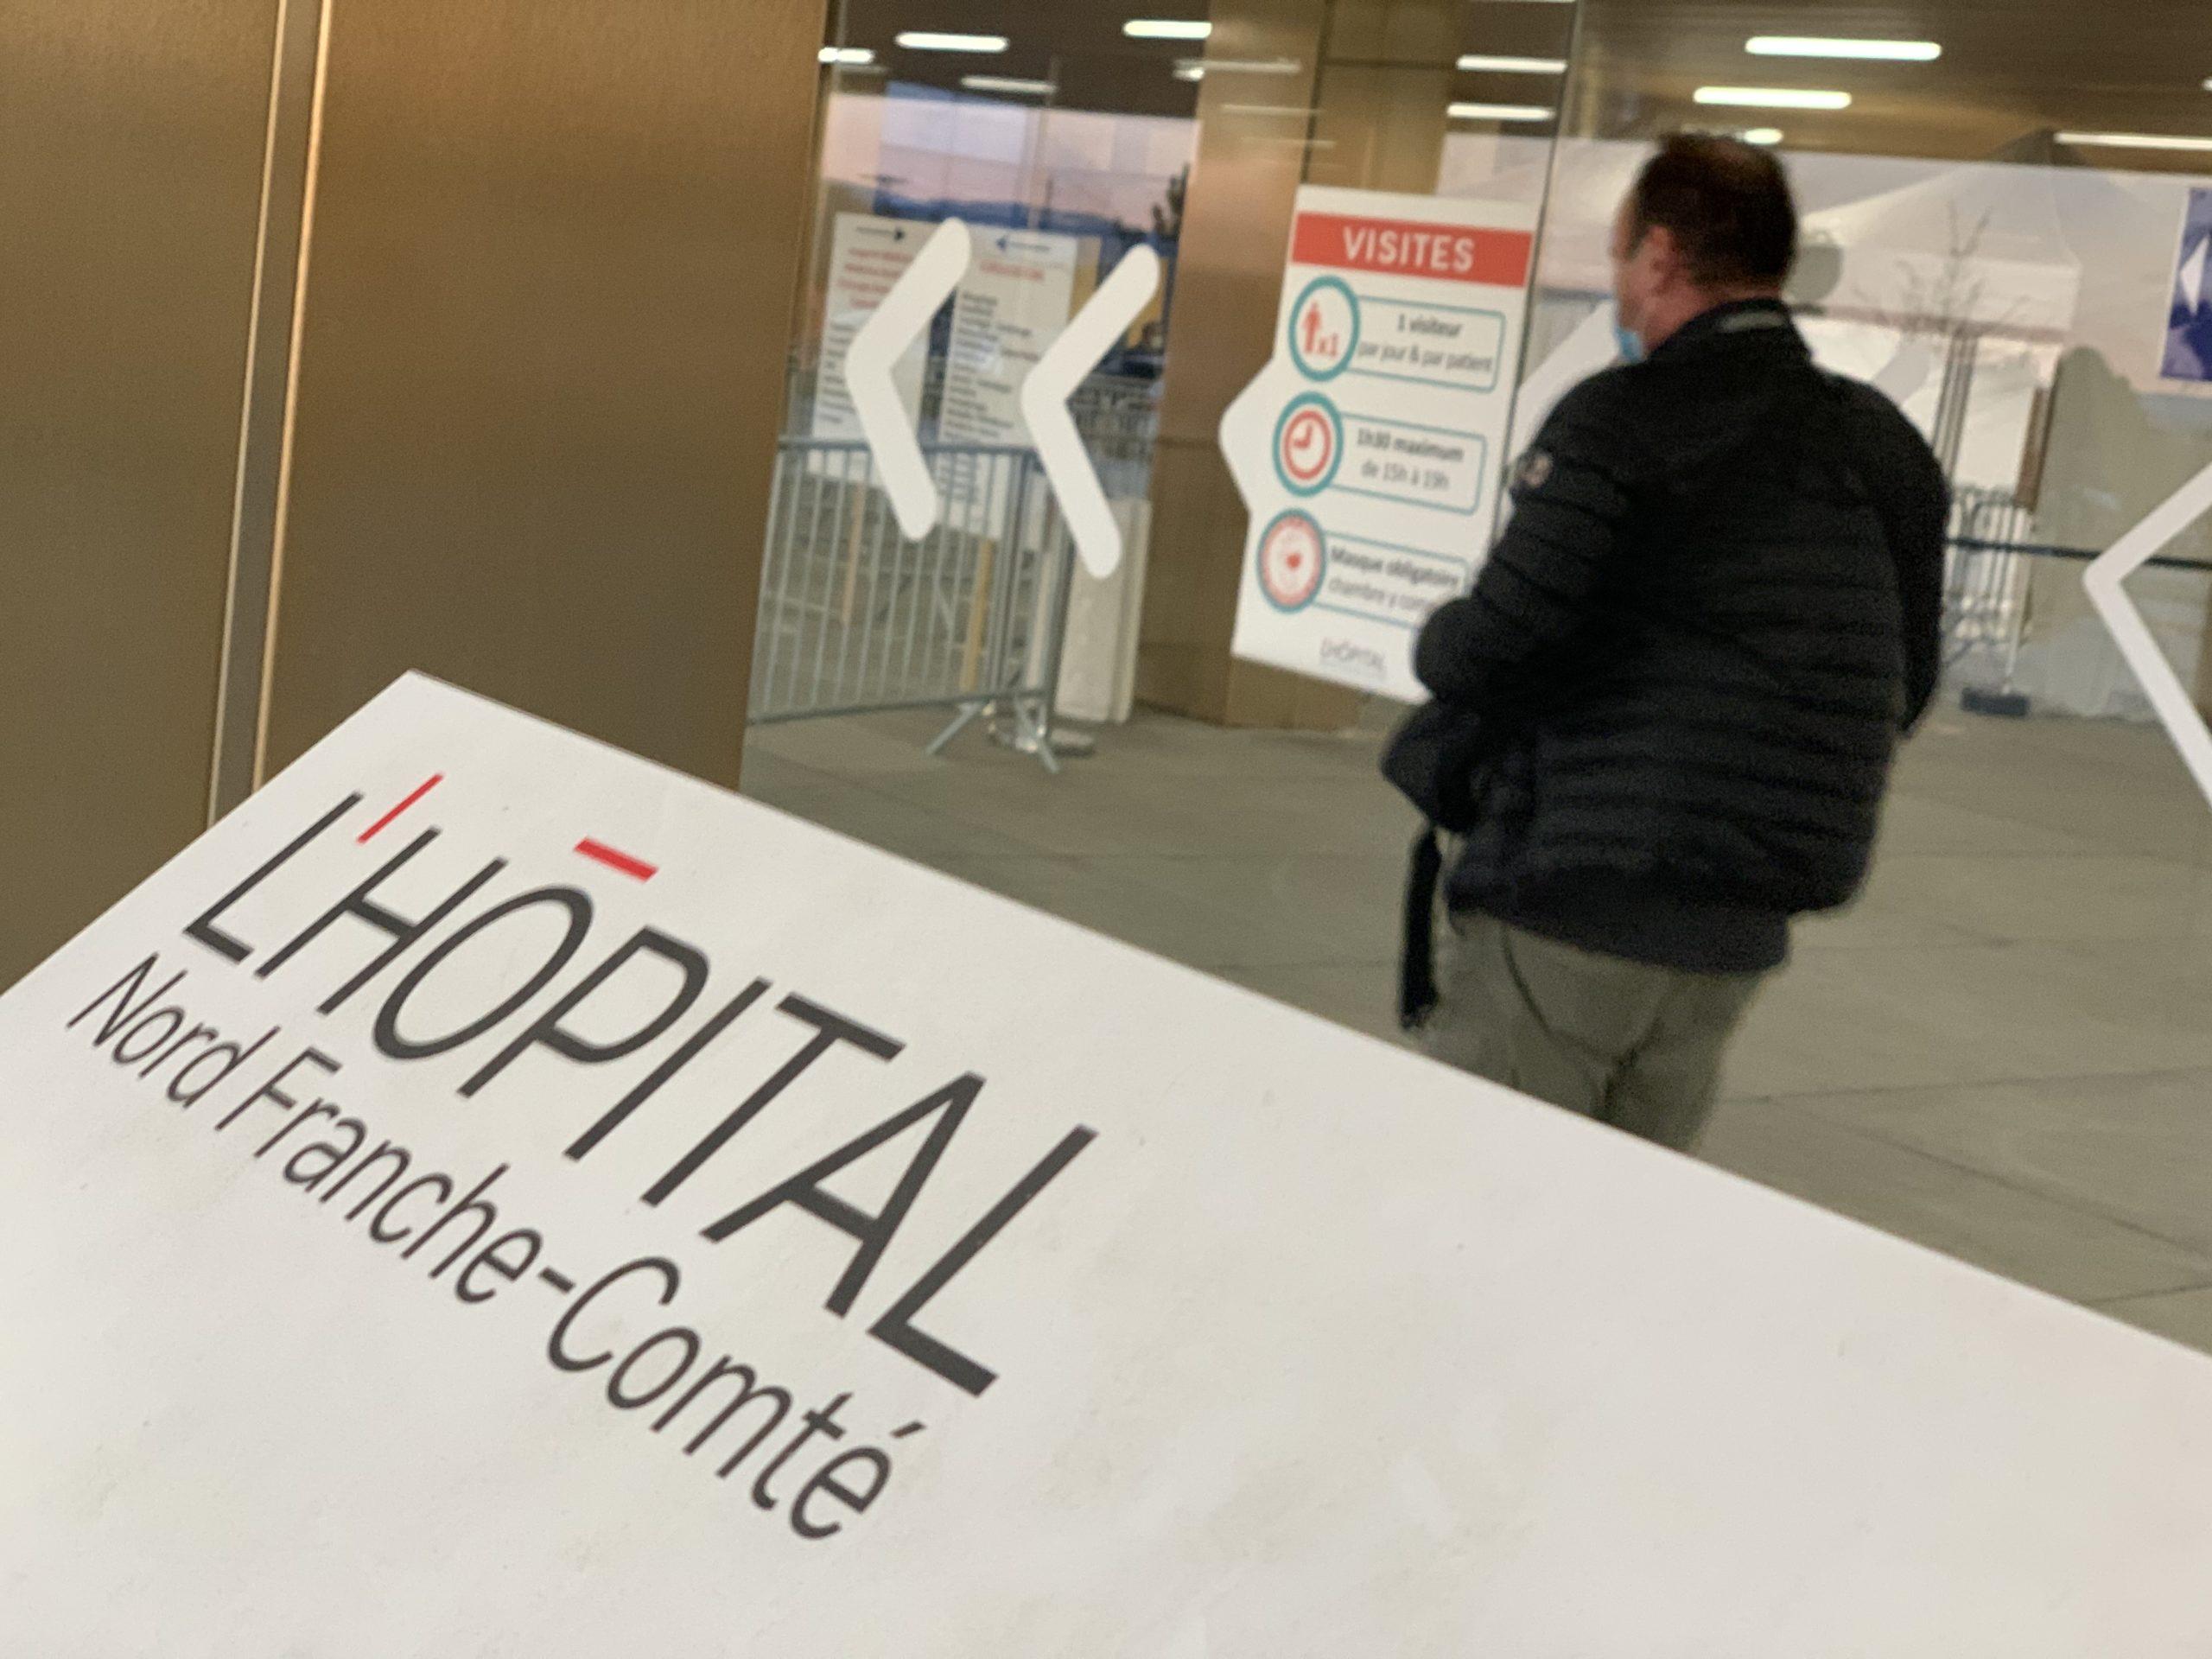 Filtrage des visites pendant la période de plan Blanc, en novembre 2020, à l'hôpital Nord-Franche-Comté.